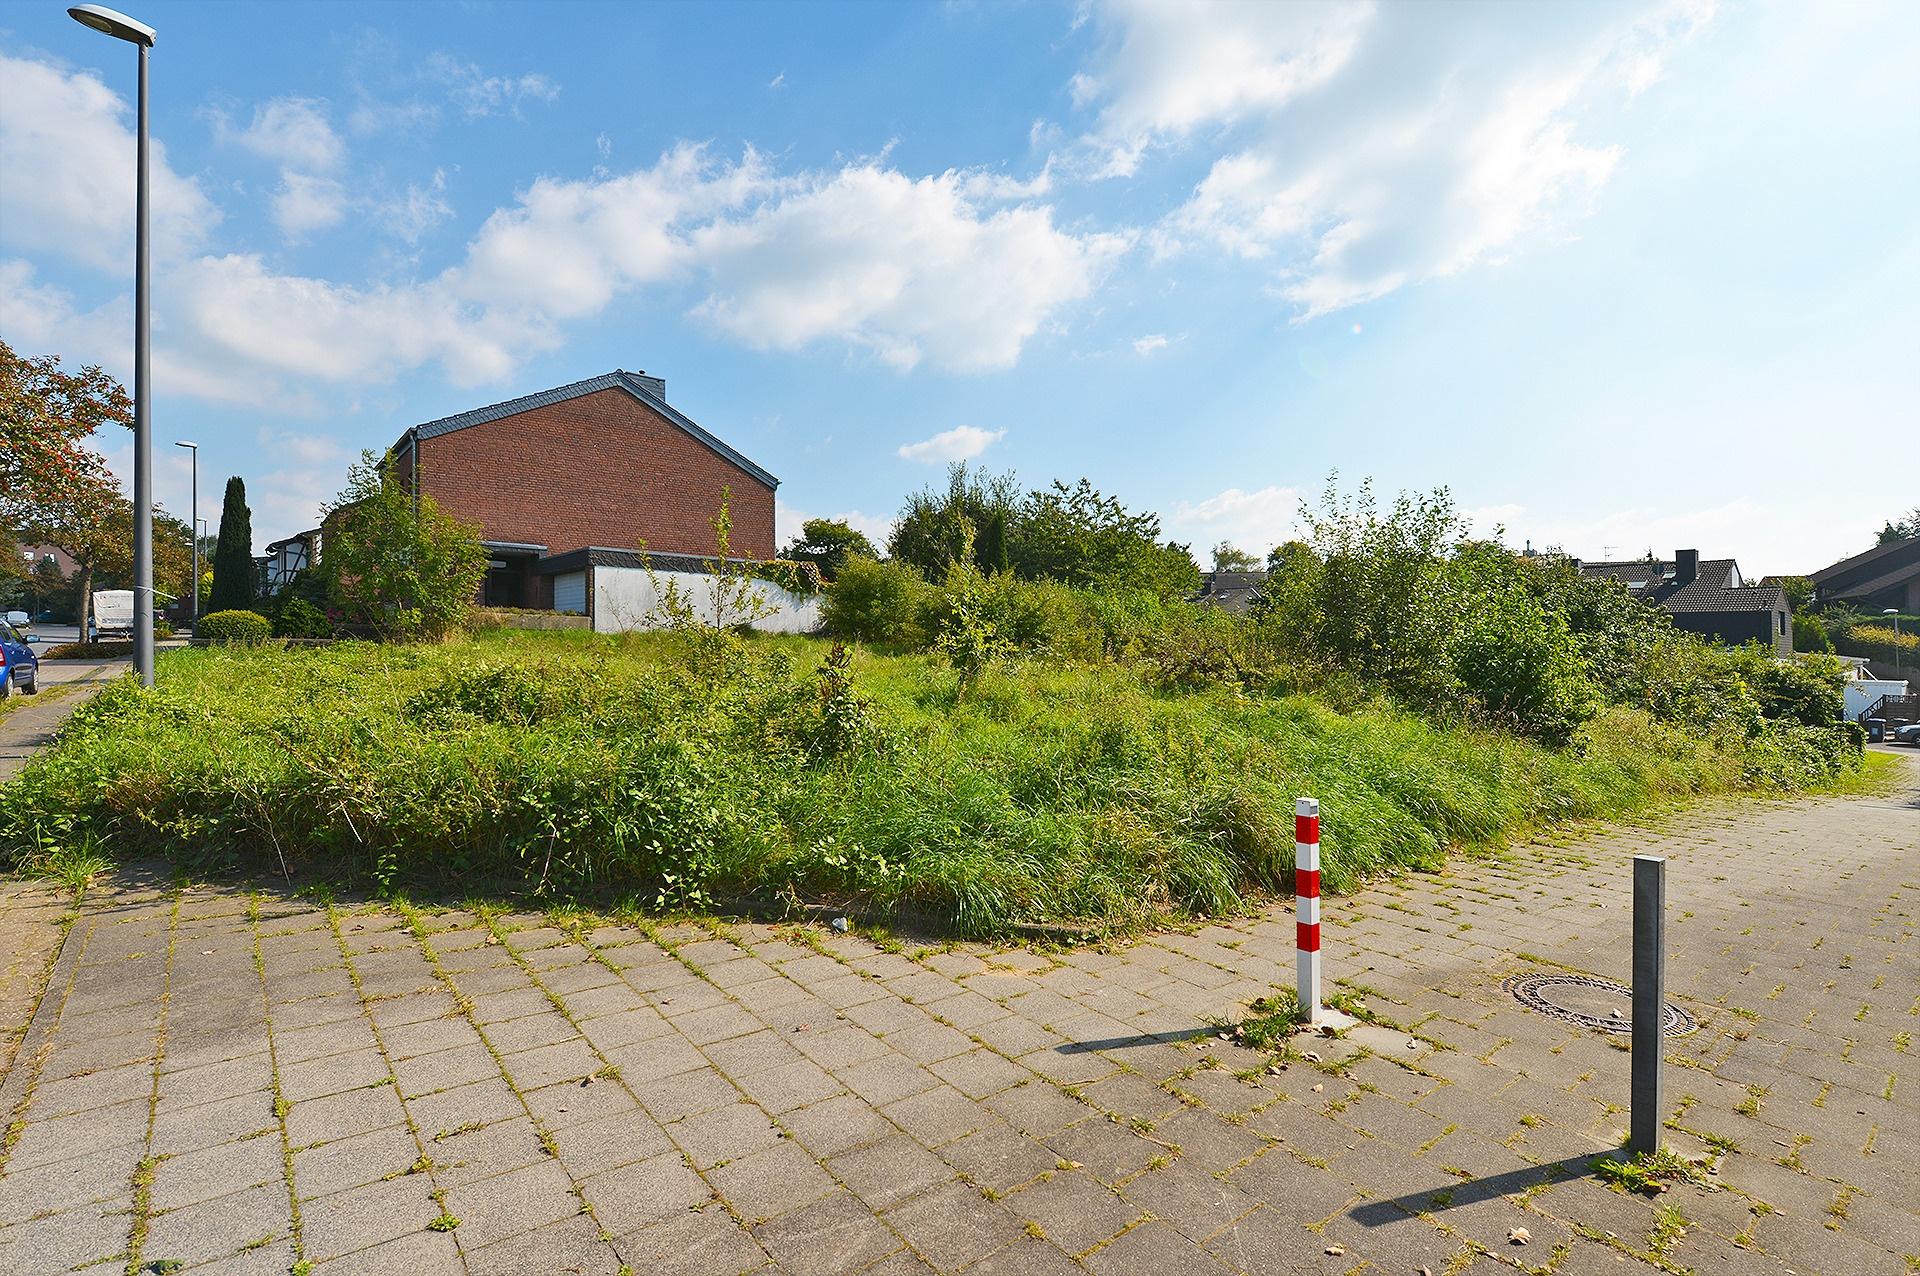 Immobilienmakler Aachen Grundstück (Wohnbebauung) referenzen mit Immobilienbewertung